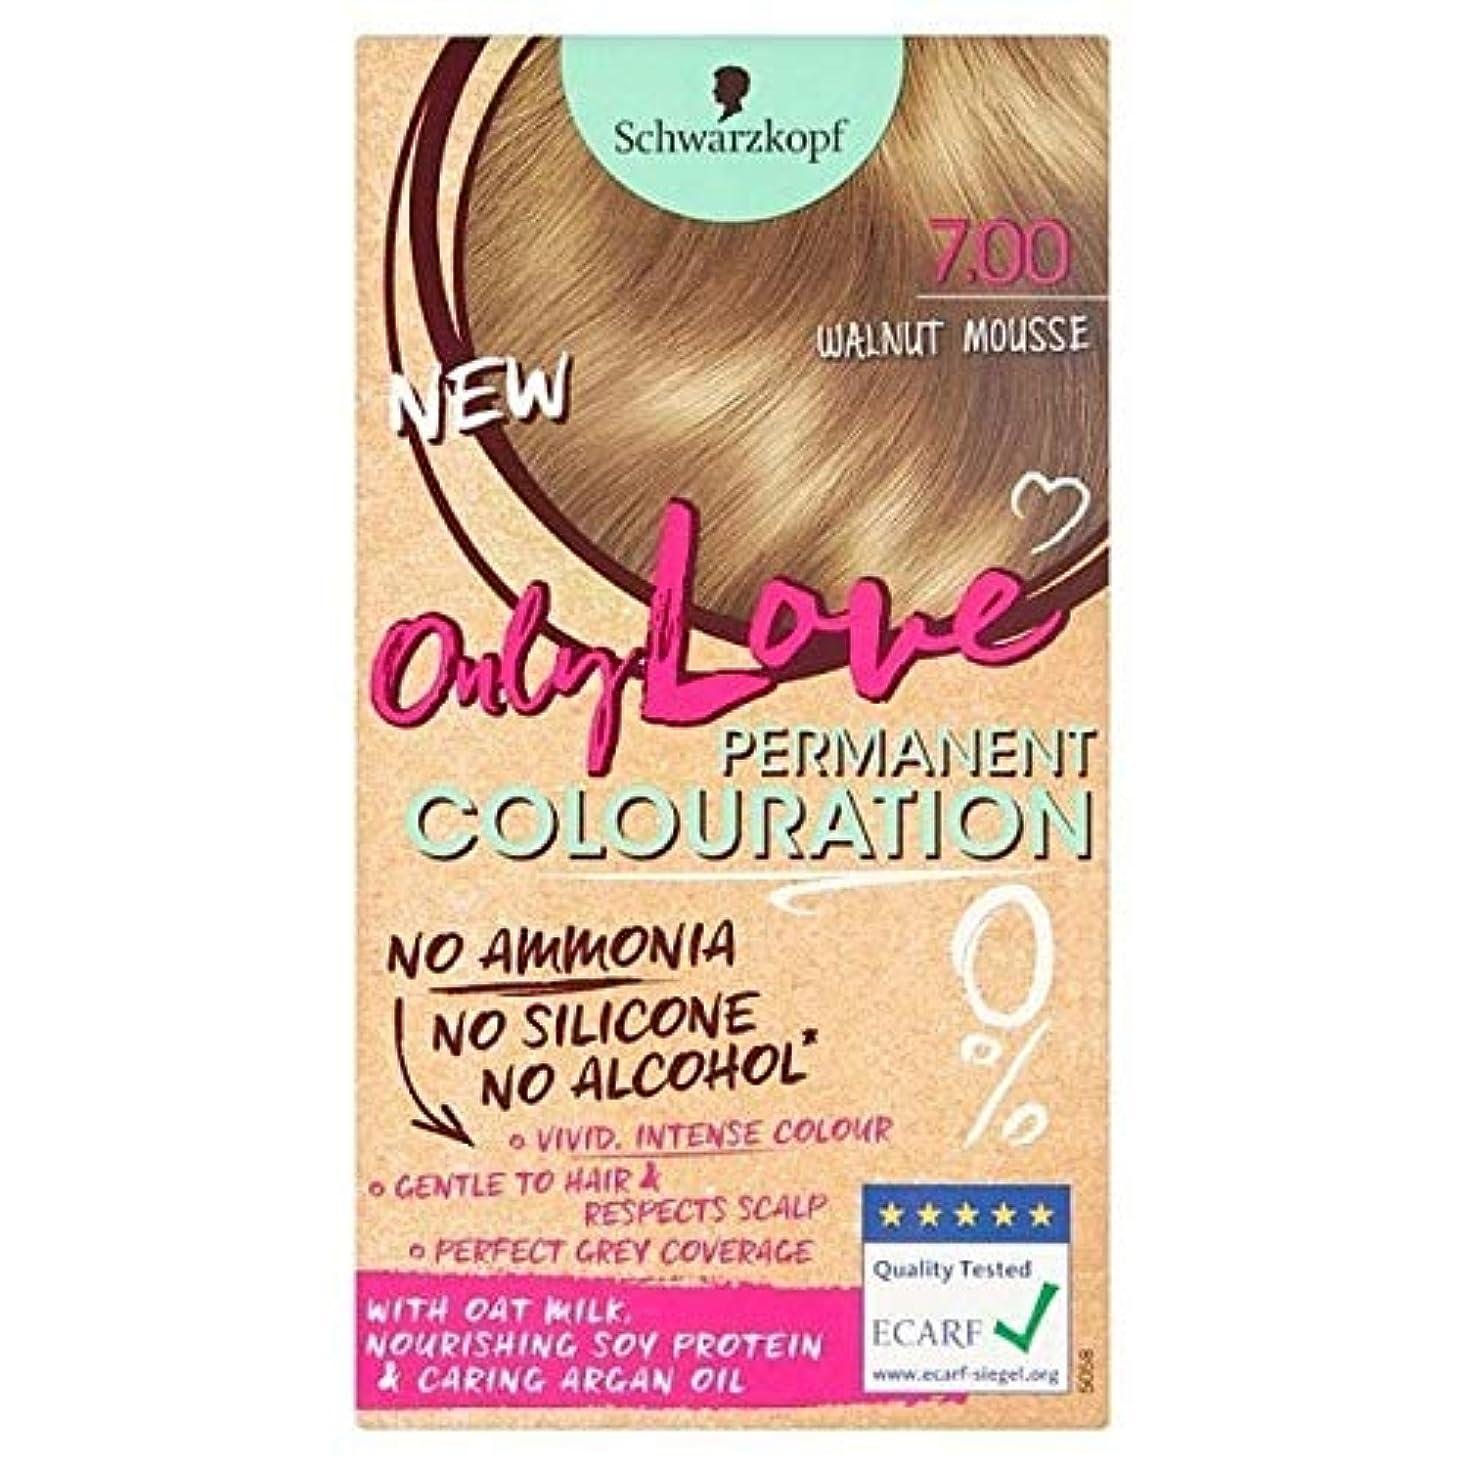 敷居鳴り響くちっちゃい[Only Love ] 唯一の永久染毛剤700クルミのムースを愛します - Only Love Permanent Hair Dye 700 Walnut Mousse [並行輸入品]